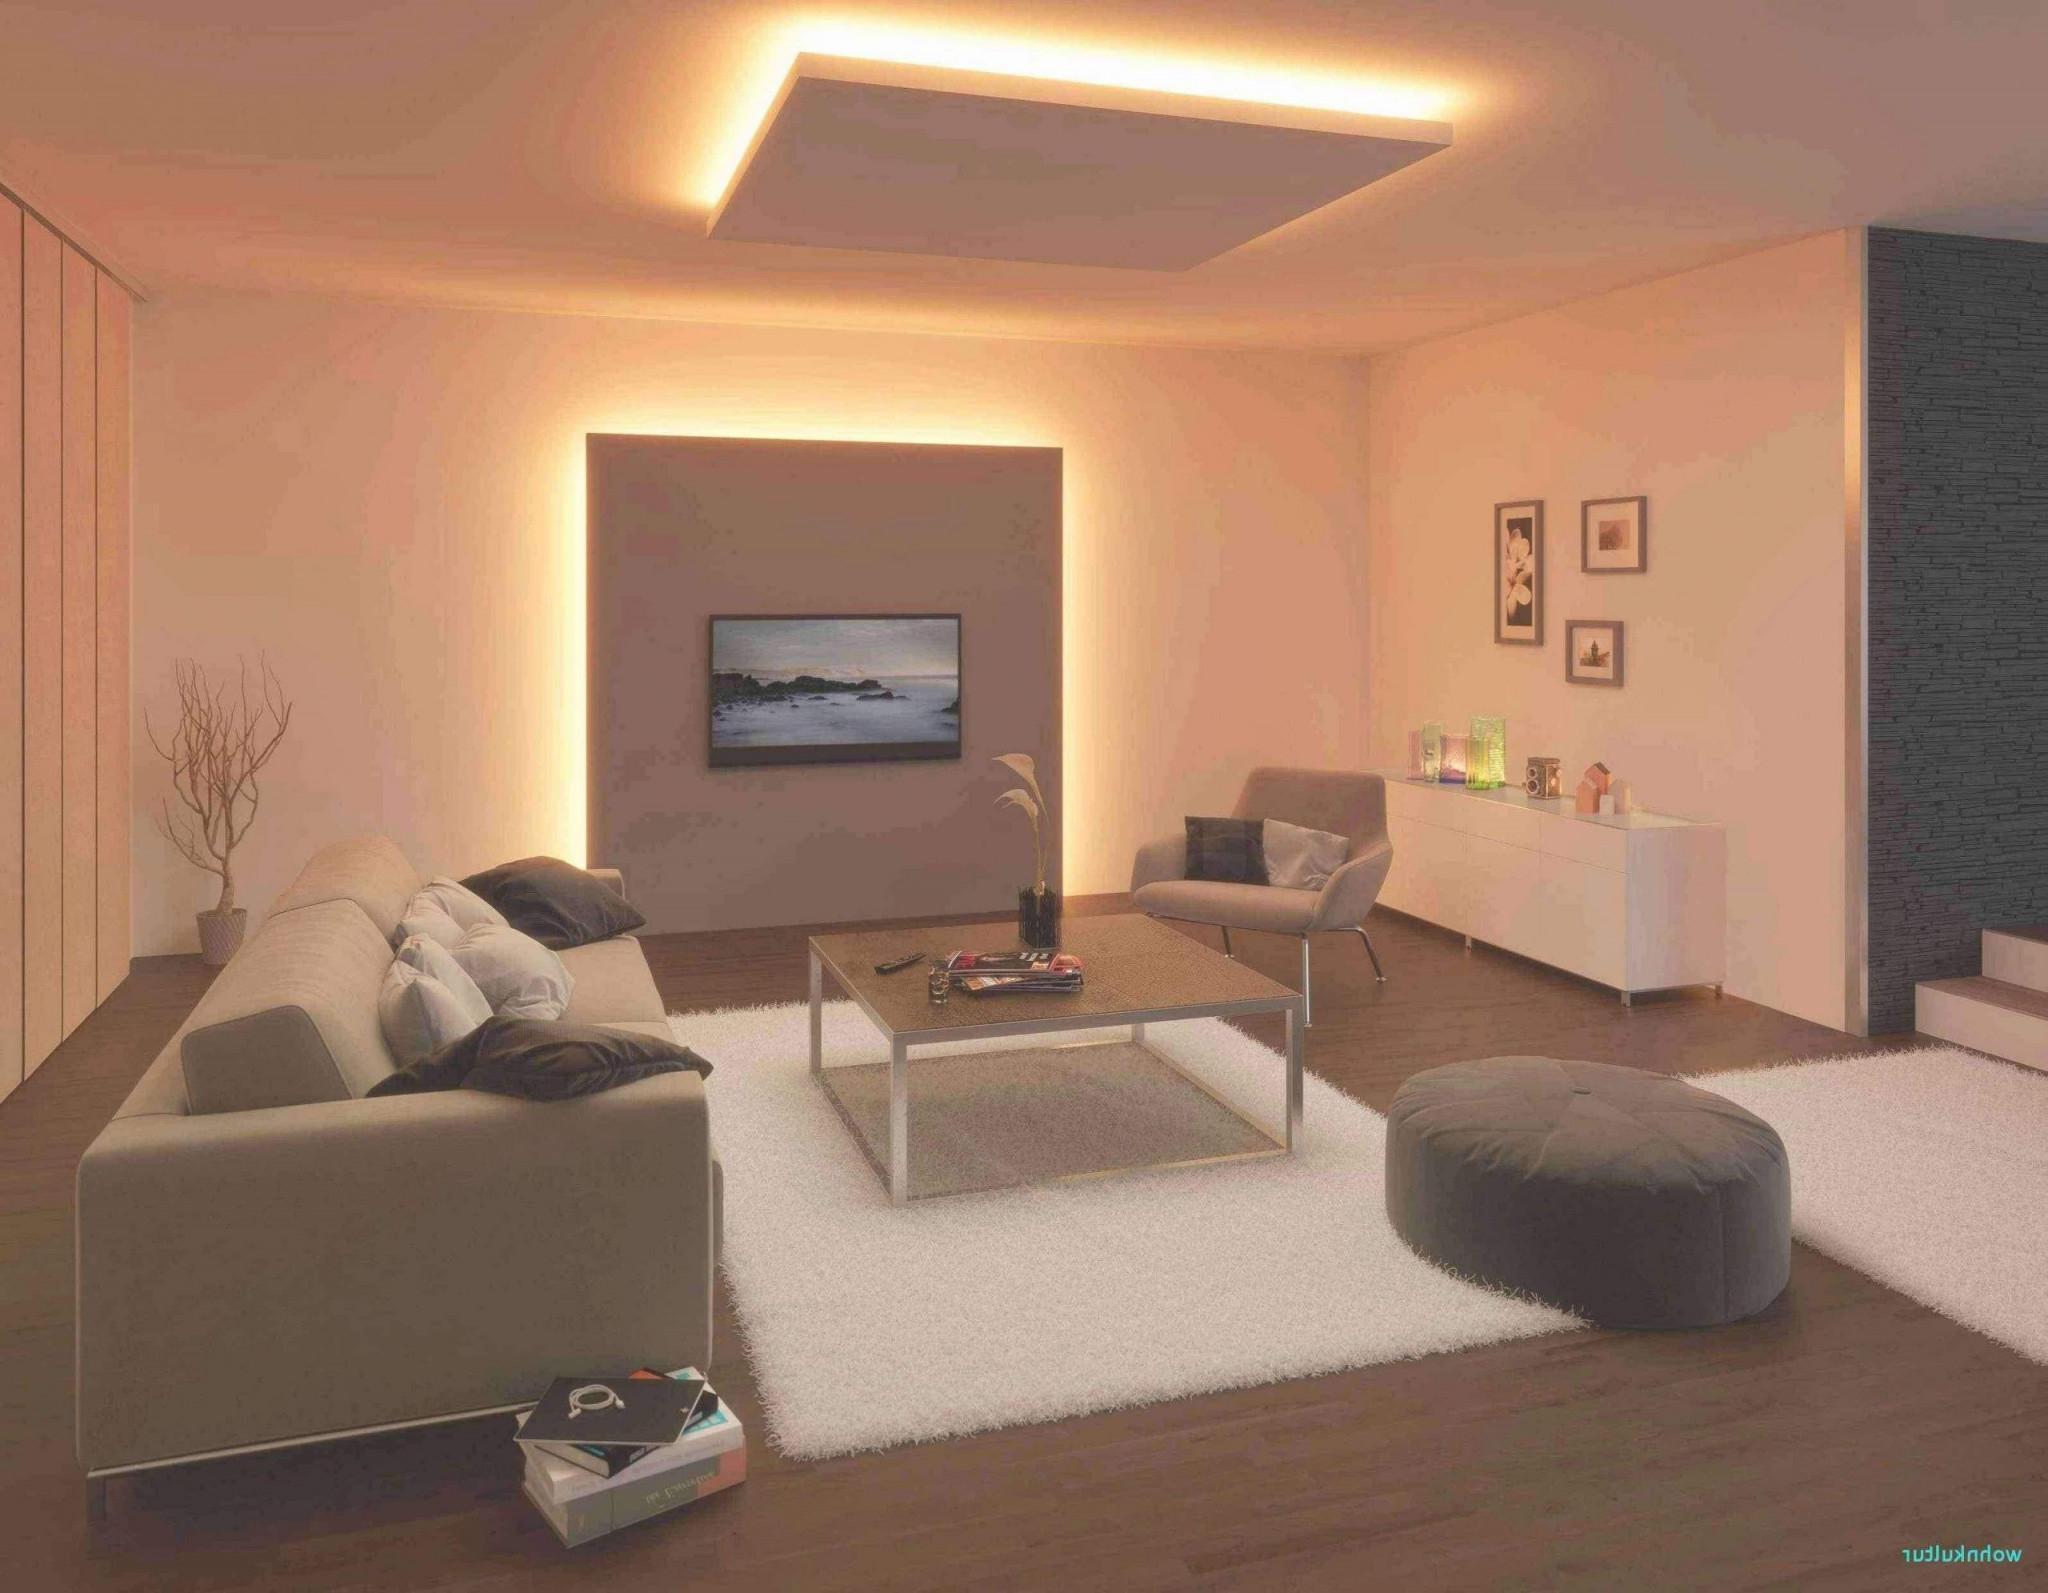 33 Elegant Vliestapeten Wohnzimmer Frisch  Wohnzimmer Frisch von Vliestapete Wohnzimmer Ideen Photo